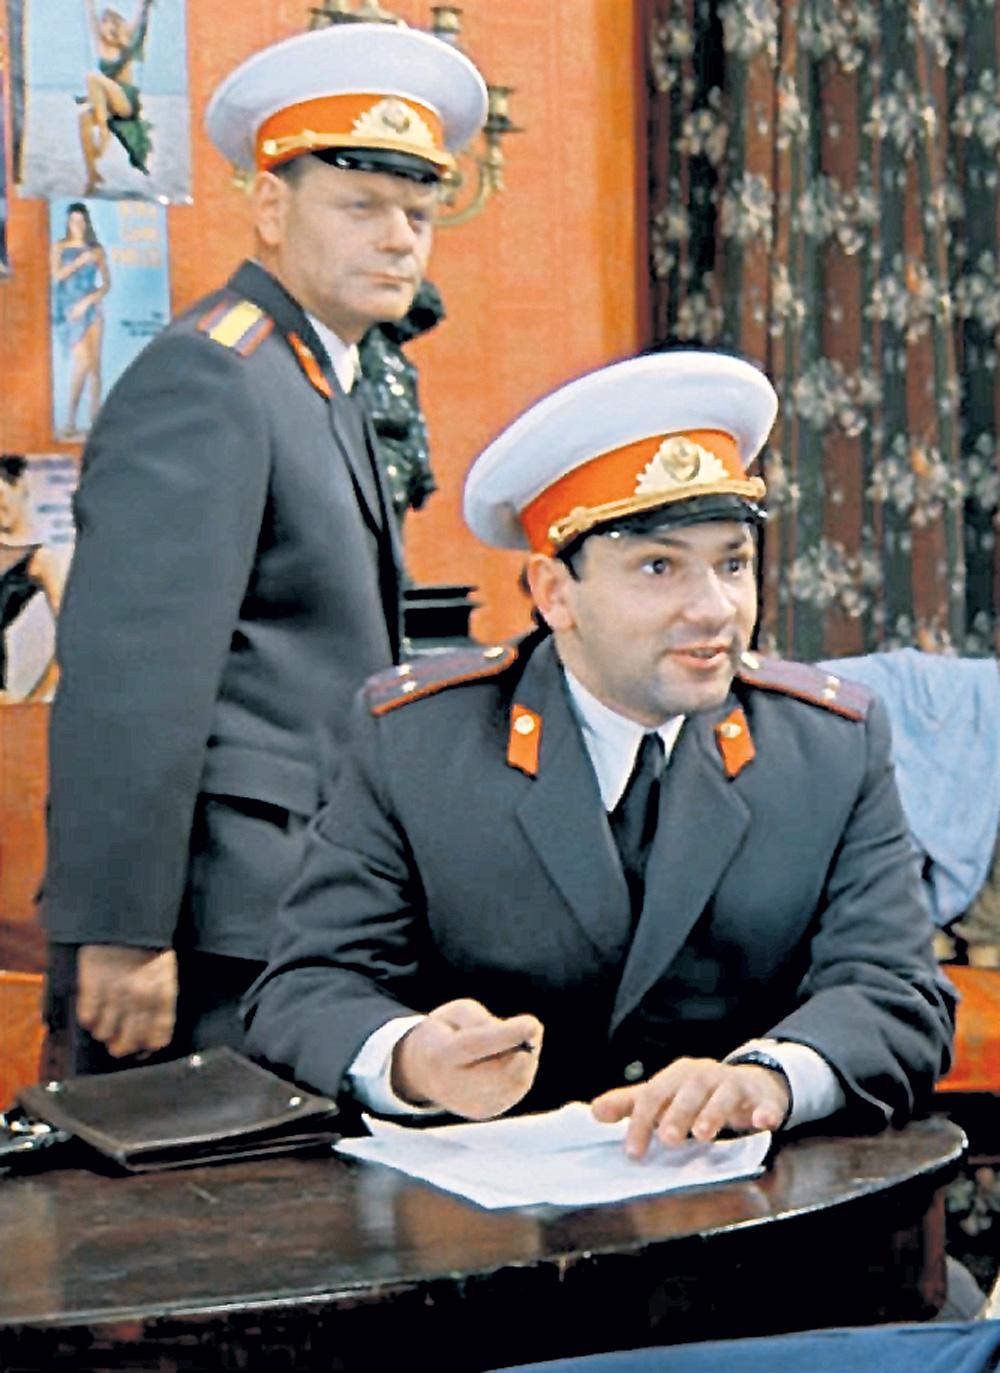 Уральский (слева) и Подшивалов (на переднем плане) достоверно сыграли милиционеров